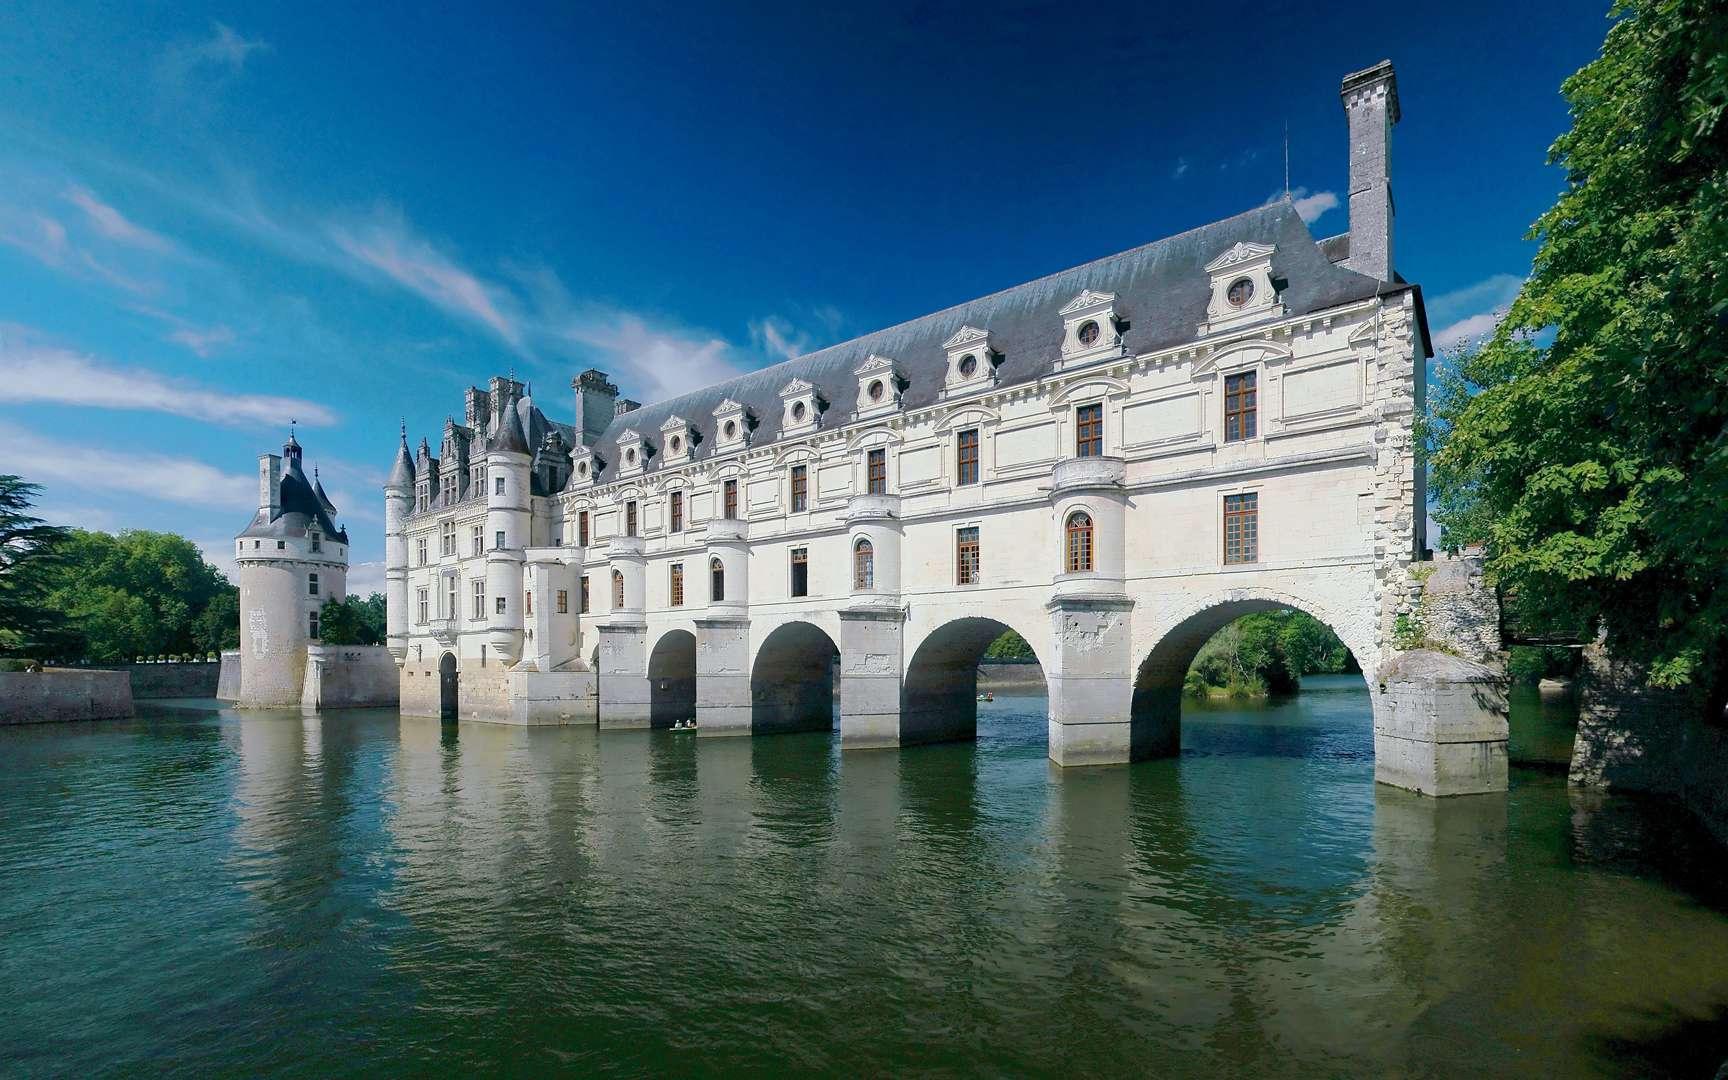 Le château de Chenonceau, un des châteaux de la Loire. Le château de Chenonceau se situe dans la commune de Chenonceaux, en Indre-et-Loire. Il fait partie des célèbres châteaux de la Loire. Bâti en 1513 par Katherine Briçonnet, embelli par Diane de Poitiers puis Catherine de Médicis, sauvé pendant la Révolution française par Louise Dupin, il est aussi appelé « château des Dames ». © Ra-smit's photo. CC by-nc-sa 2.0